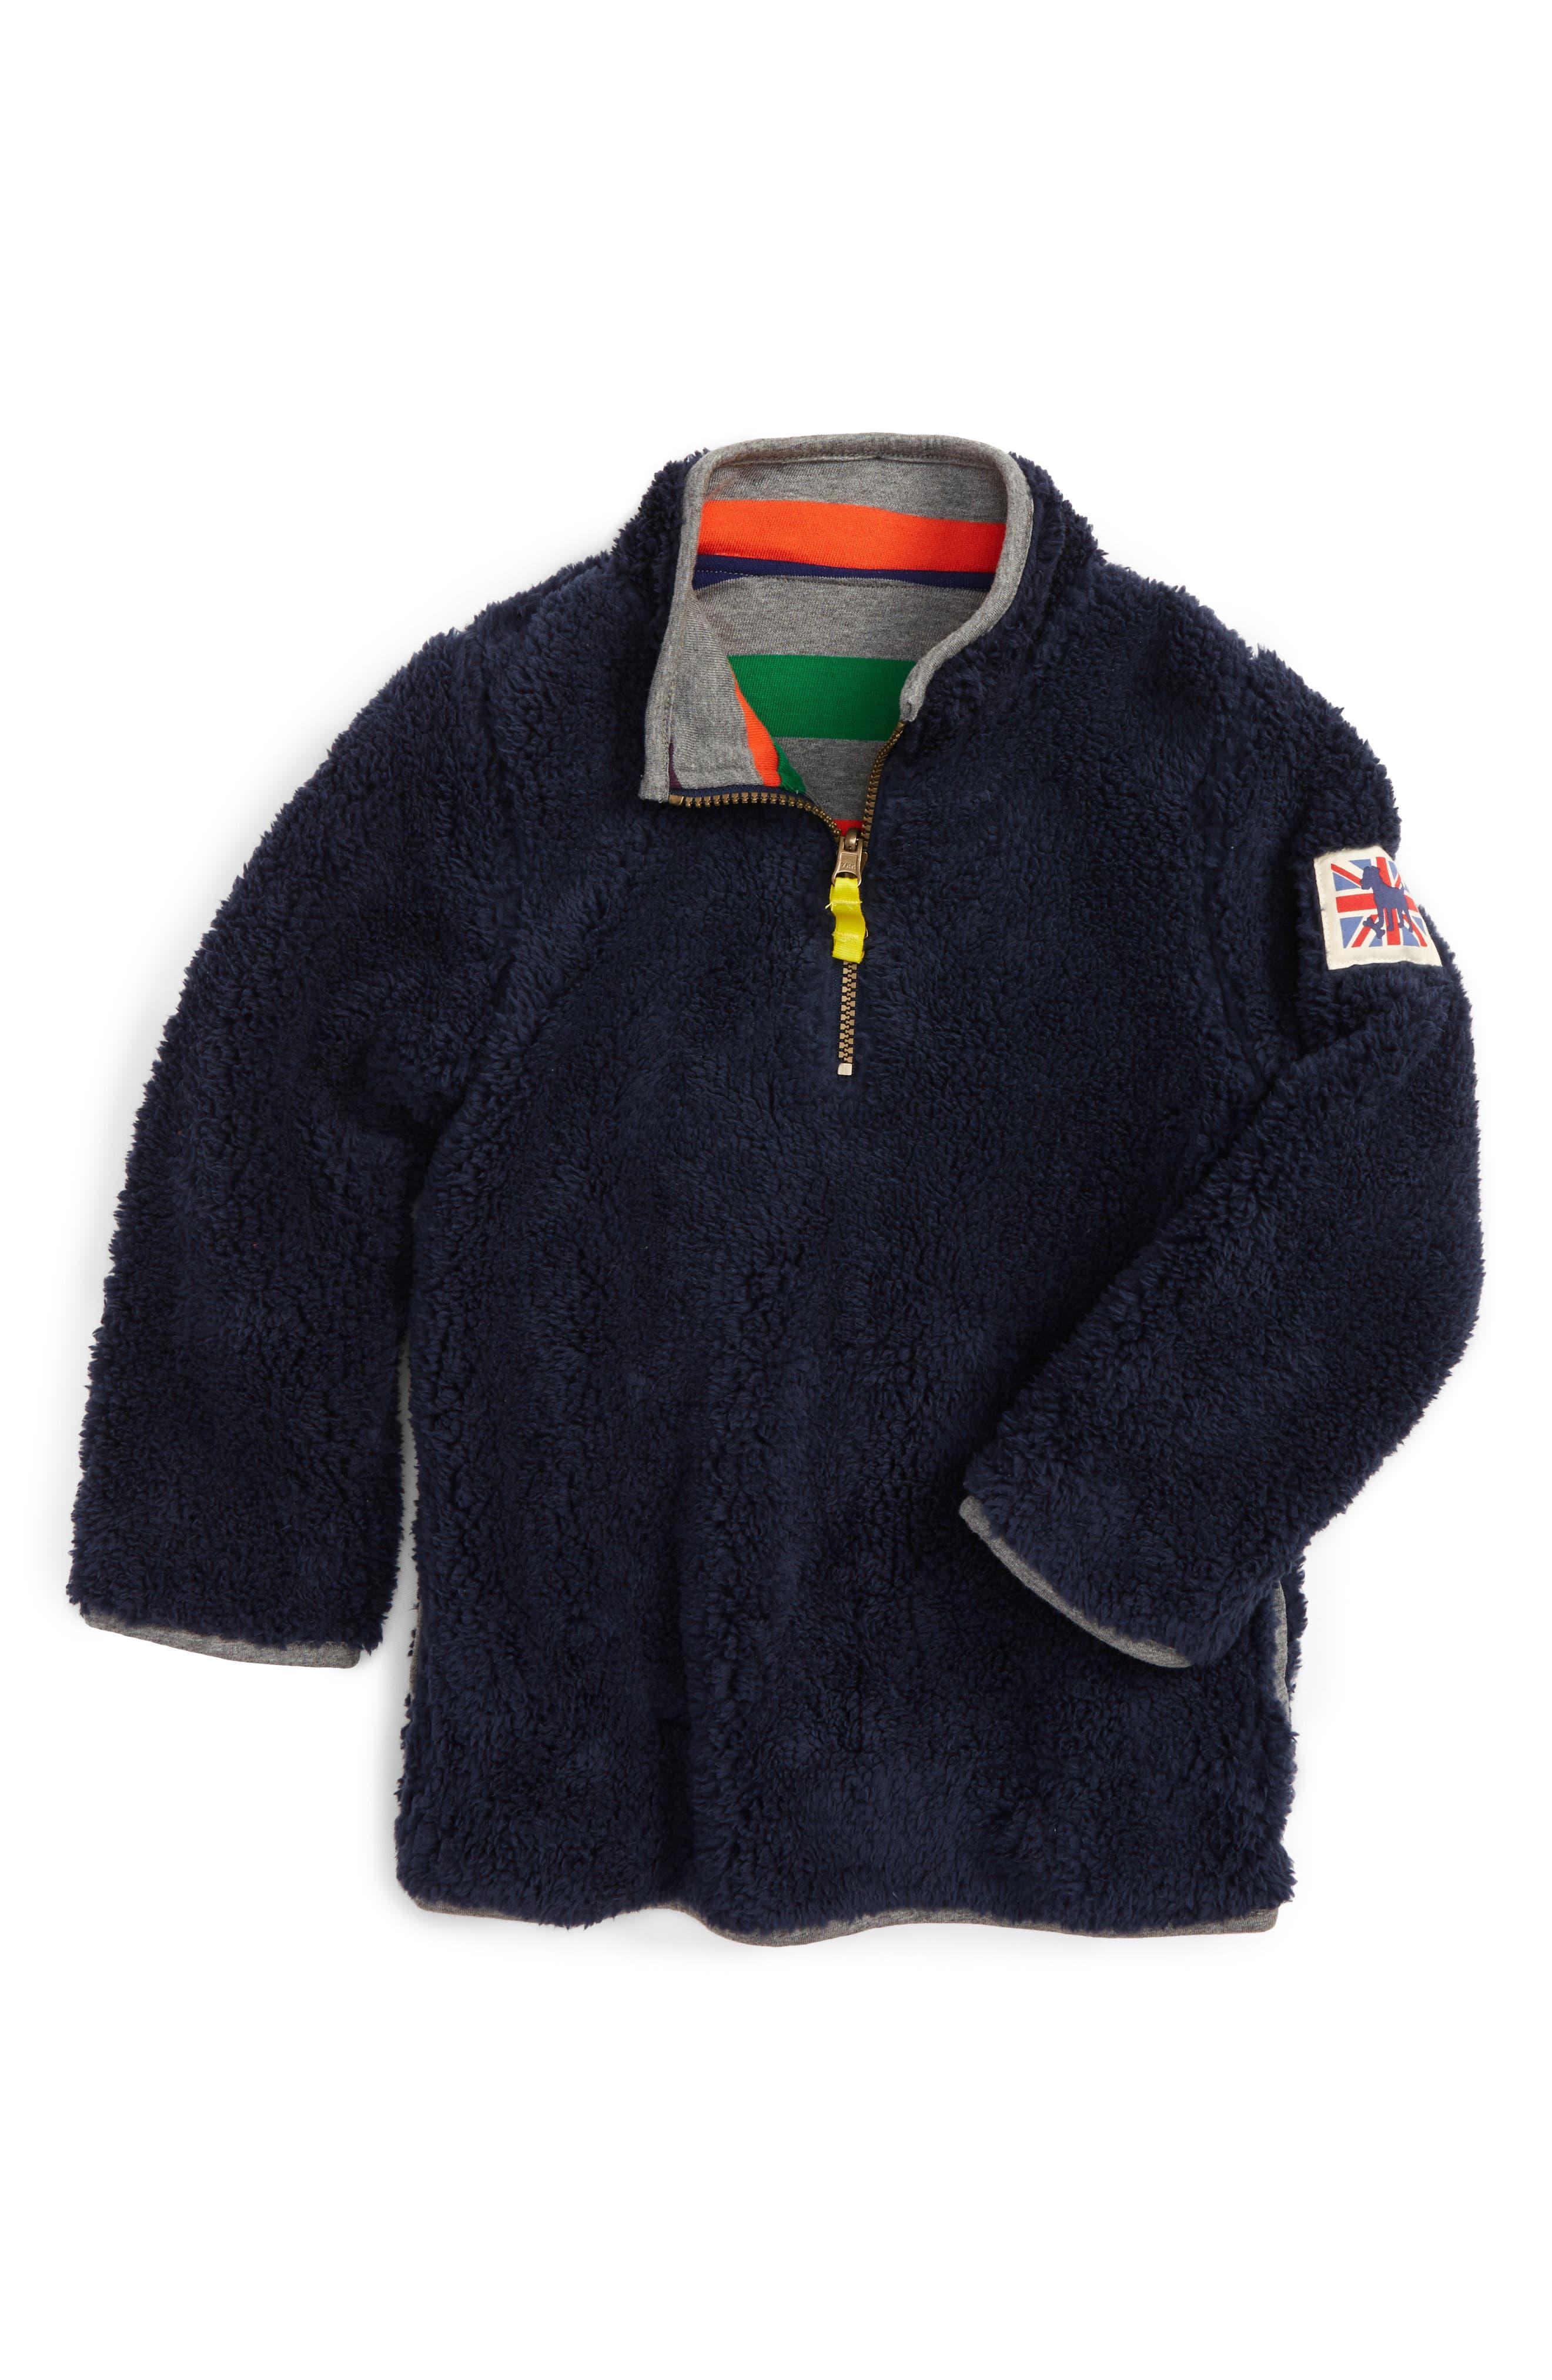 MINI BODEN Reversible Quarter Zip Sweatshirt